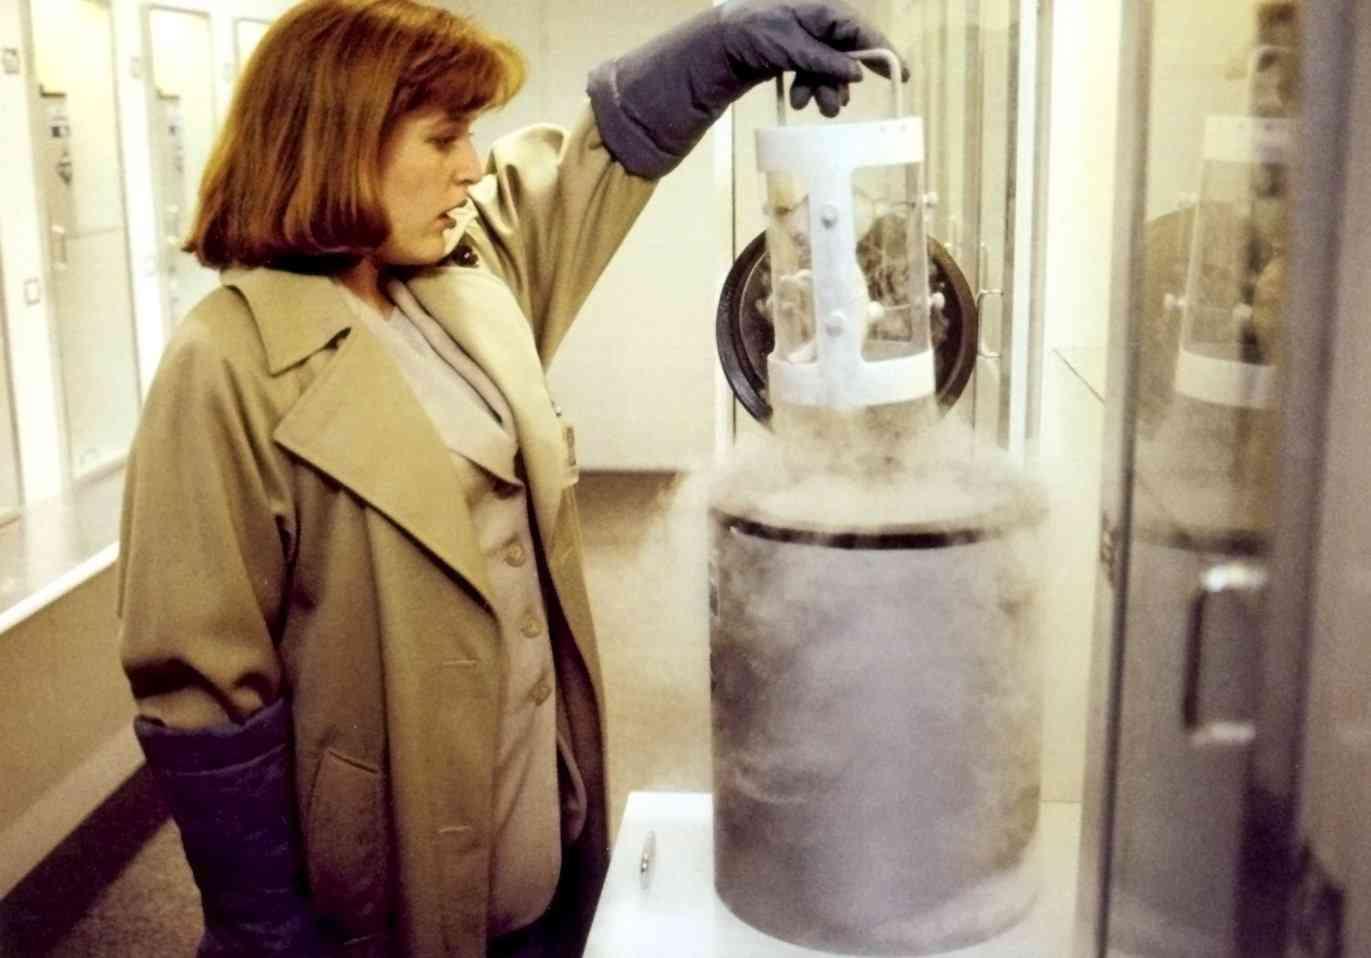 Dana Scully Erlenmeyer Flask Alien Fetus Feto alien no tubo